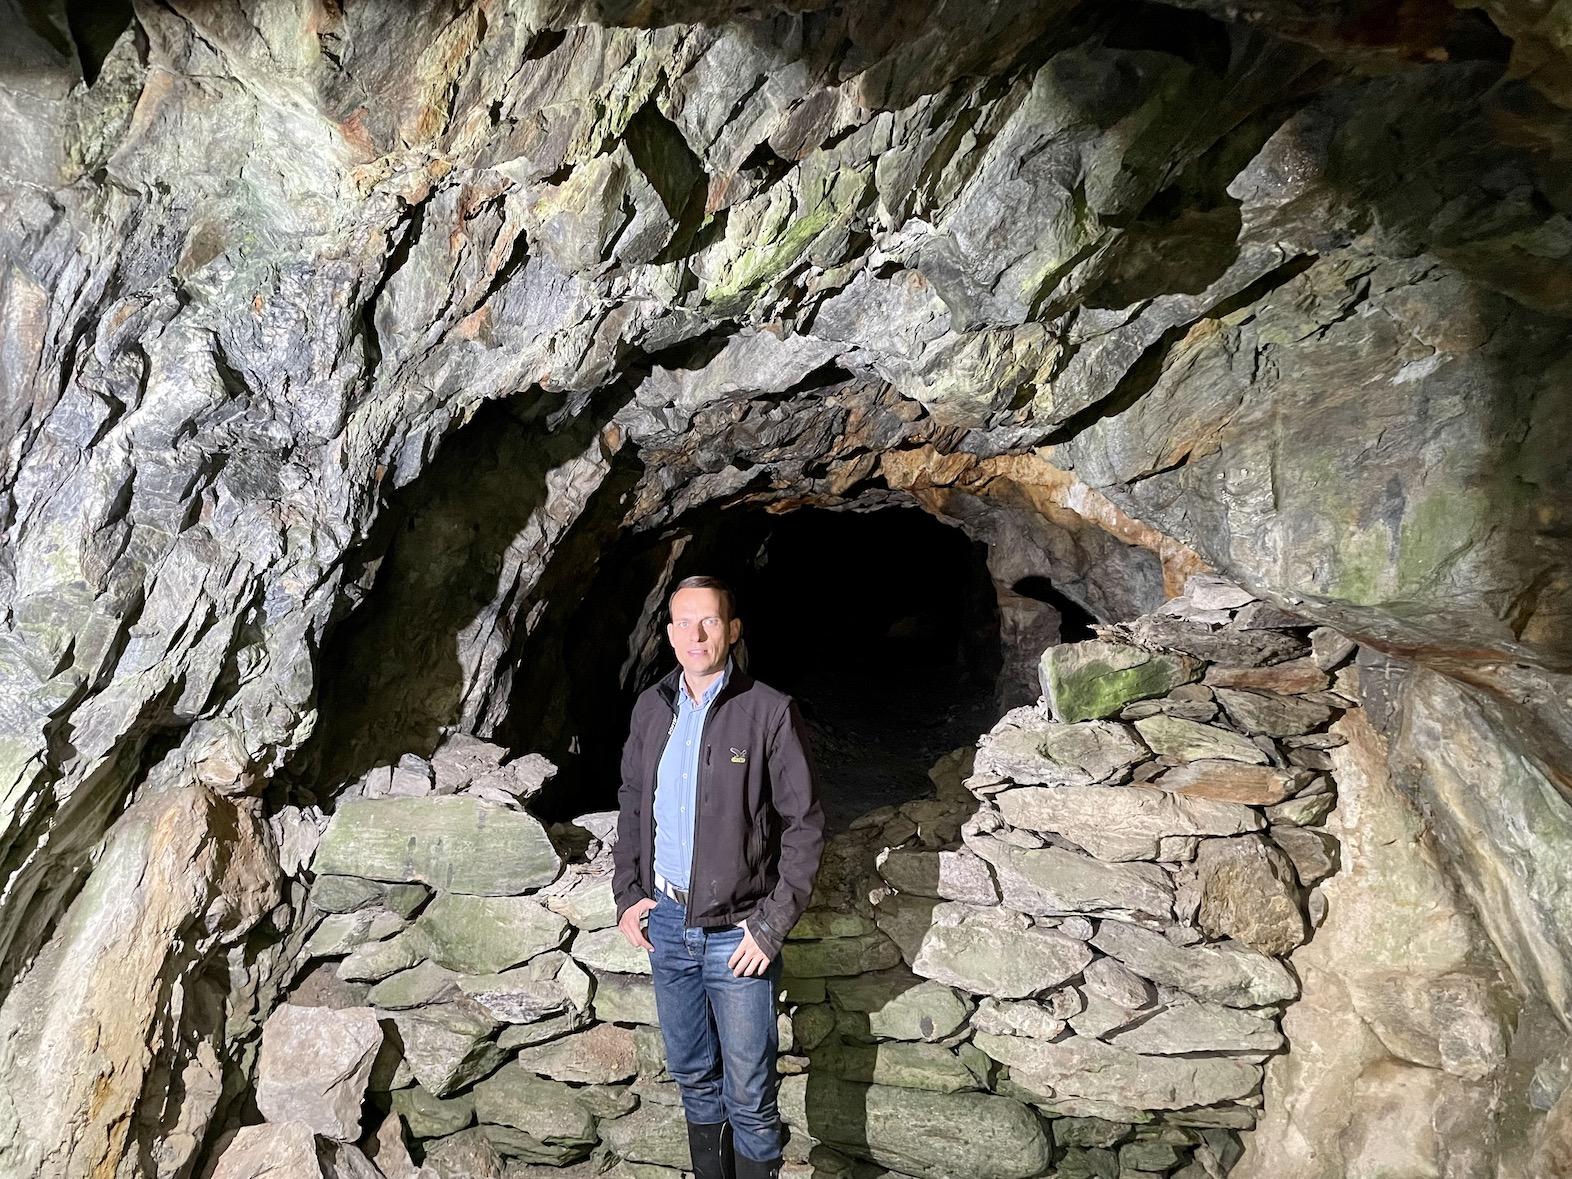 Vergessener Tunnel der Reschenbahn wiederentdeckt